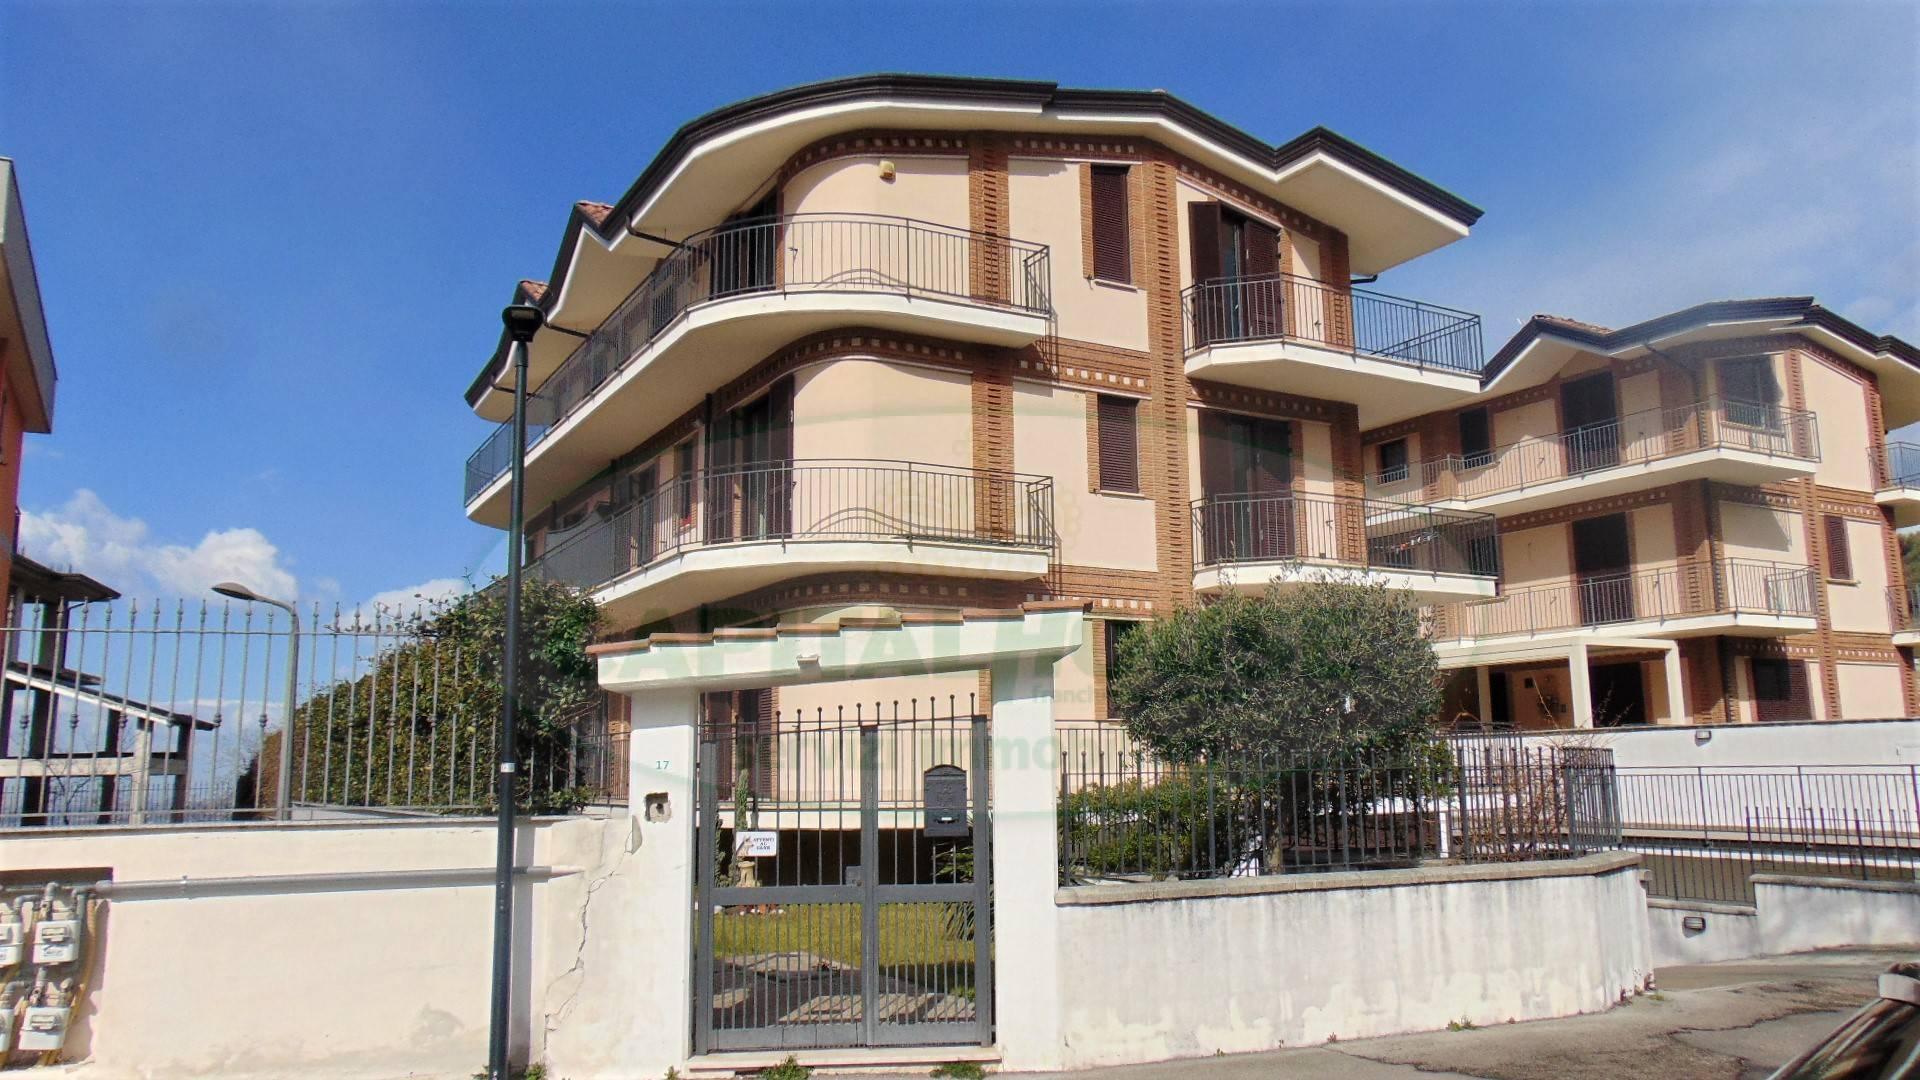 Appartamento in vendita a Sirignano, 4 locali, prezzo € 198.000 | CambioCasa.it